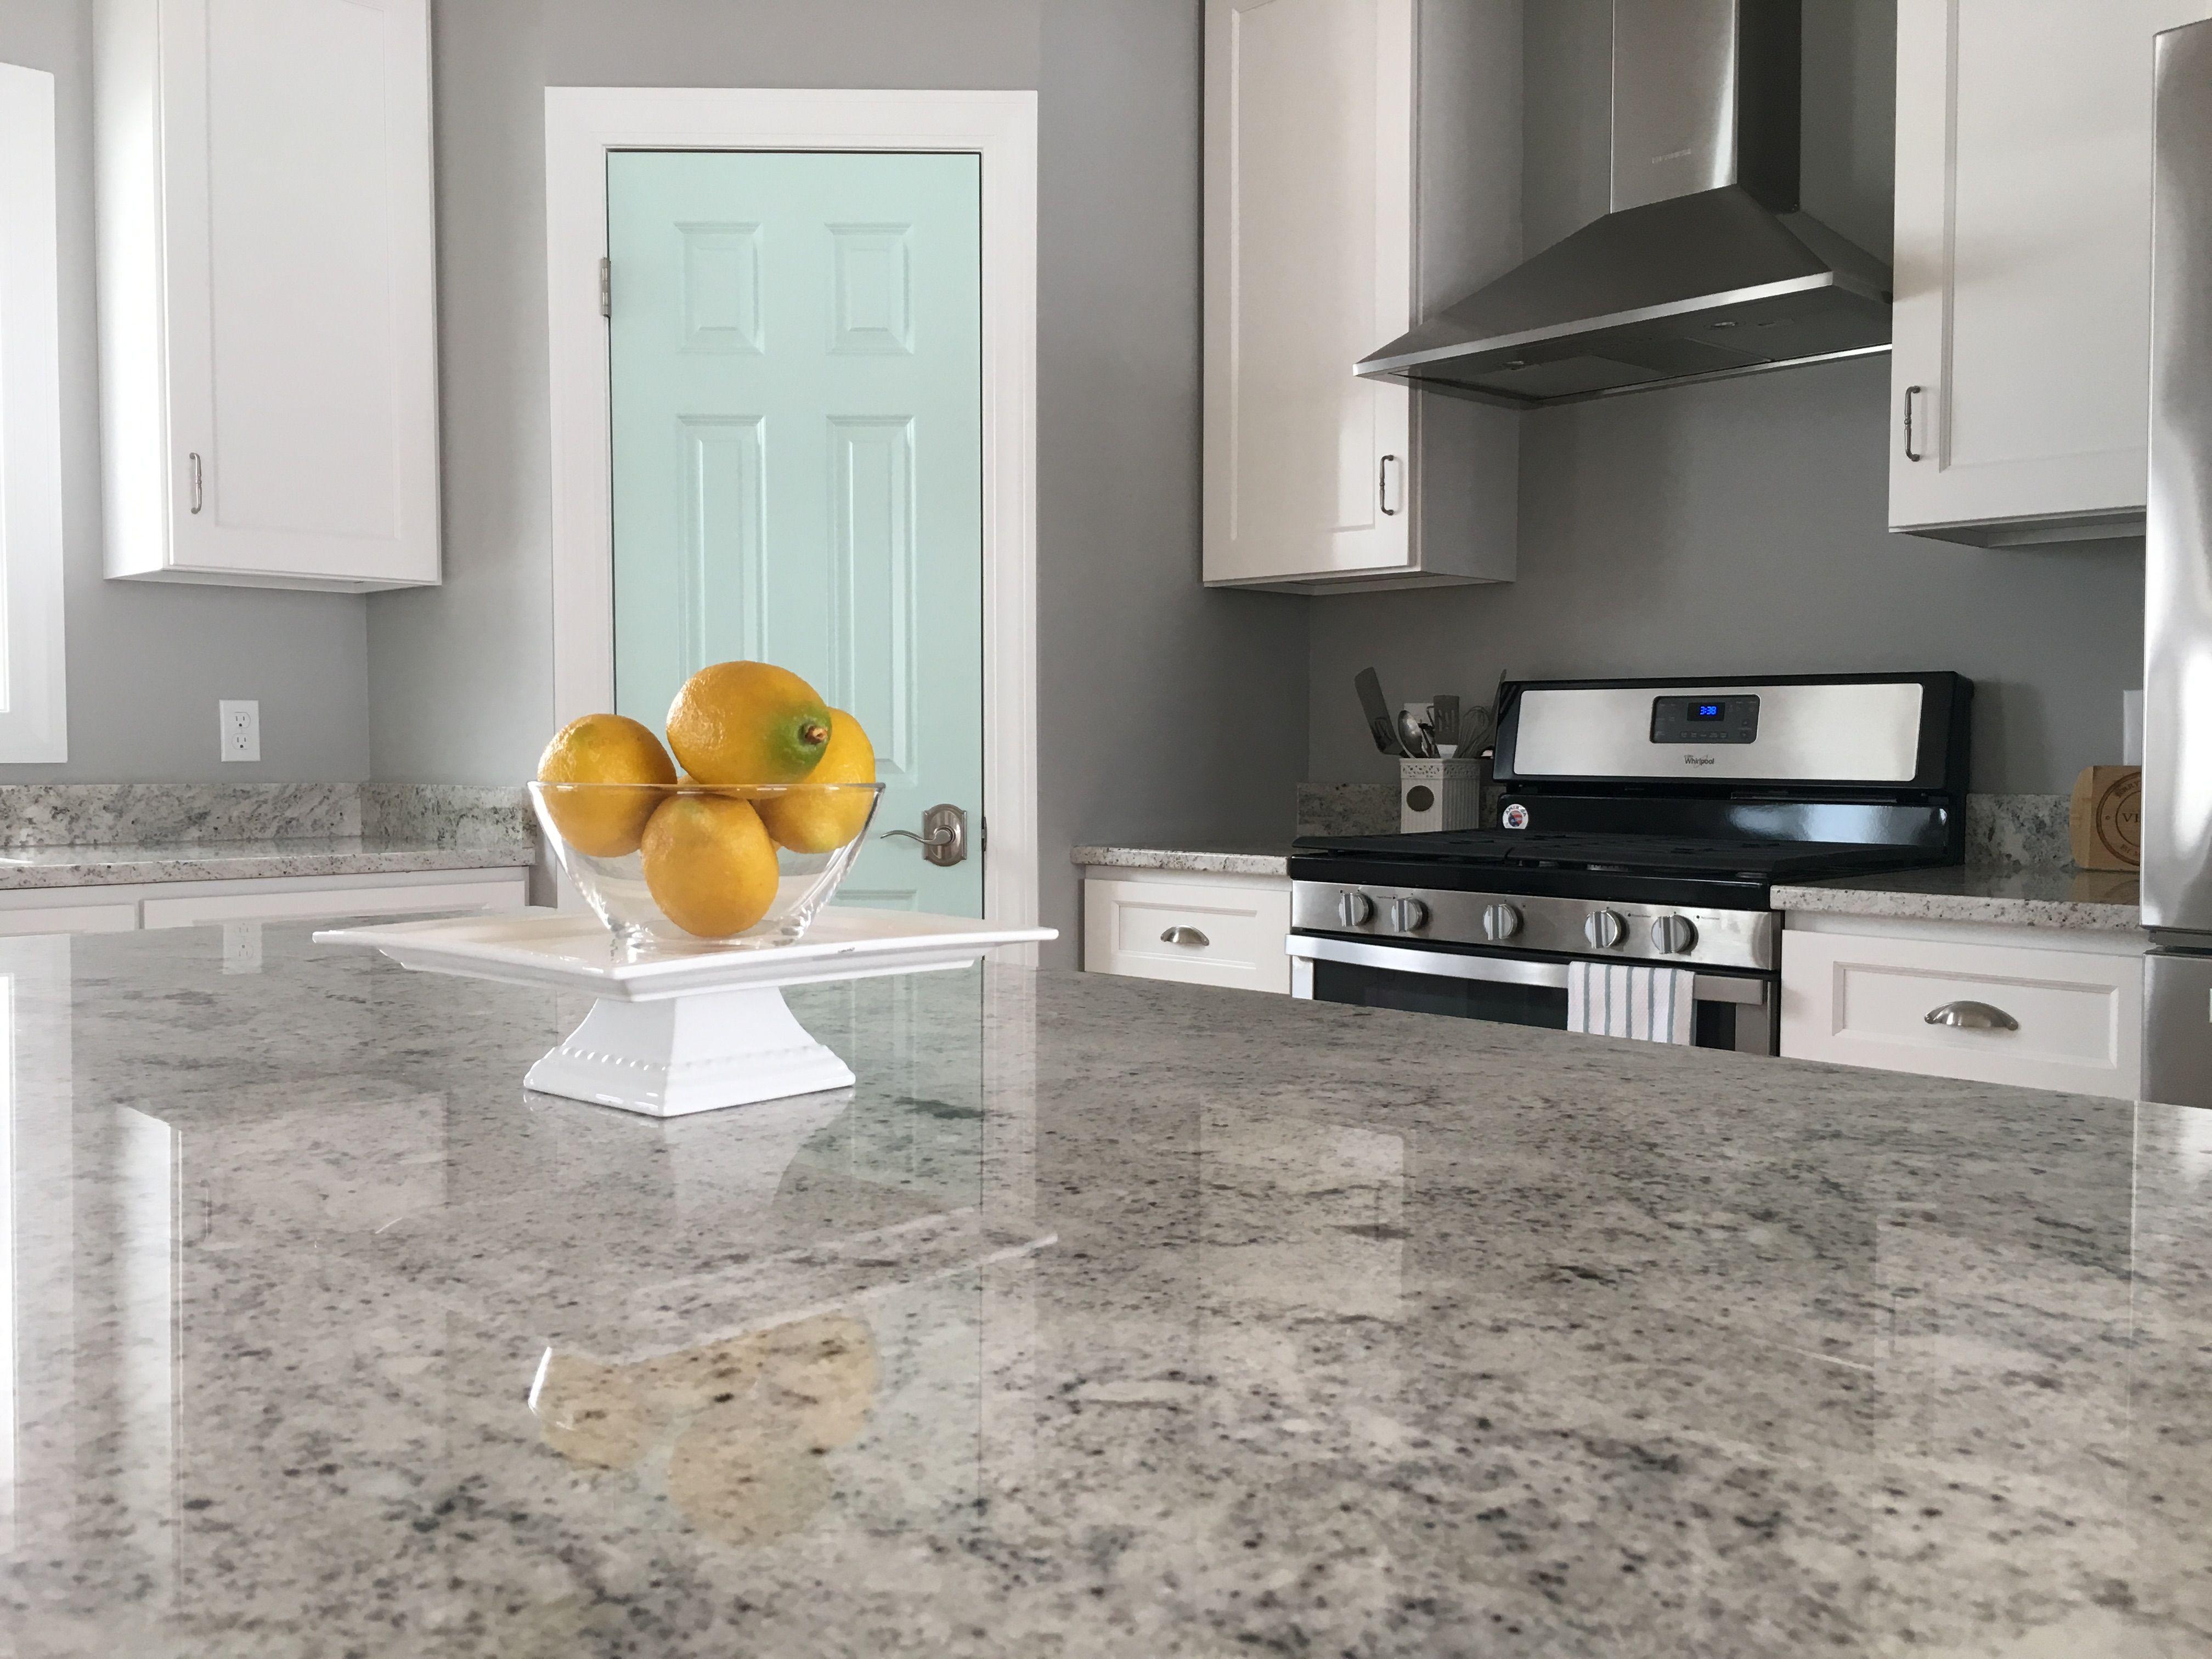 for cincinnati intended design idea kitchen stone coast modern countertop countertops quartz in maine granite